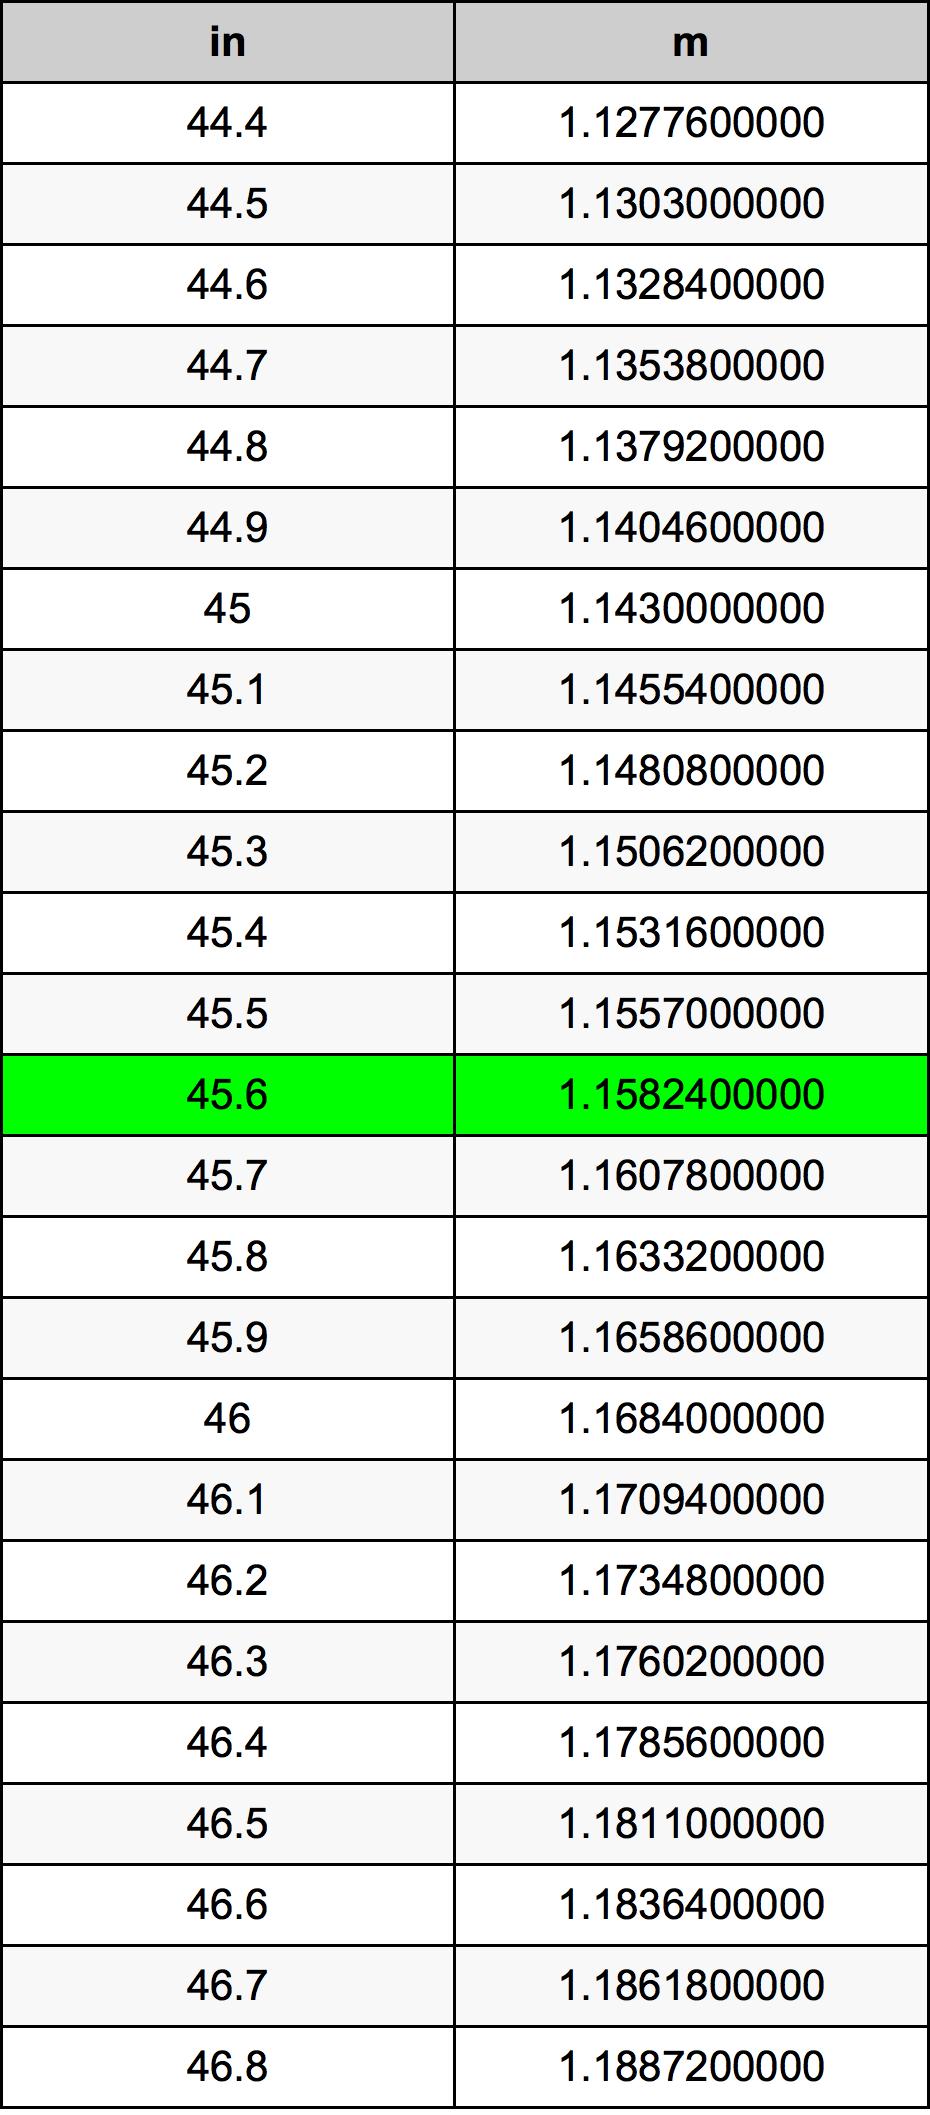 45.6 Tomme omregningstabel